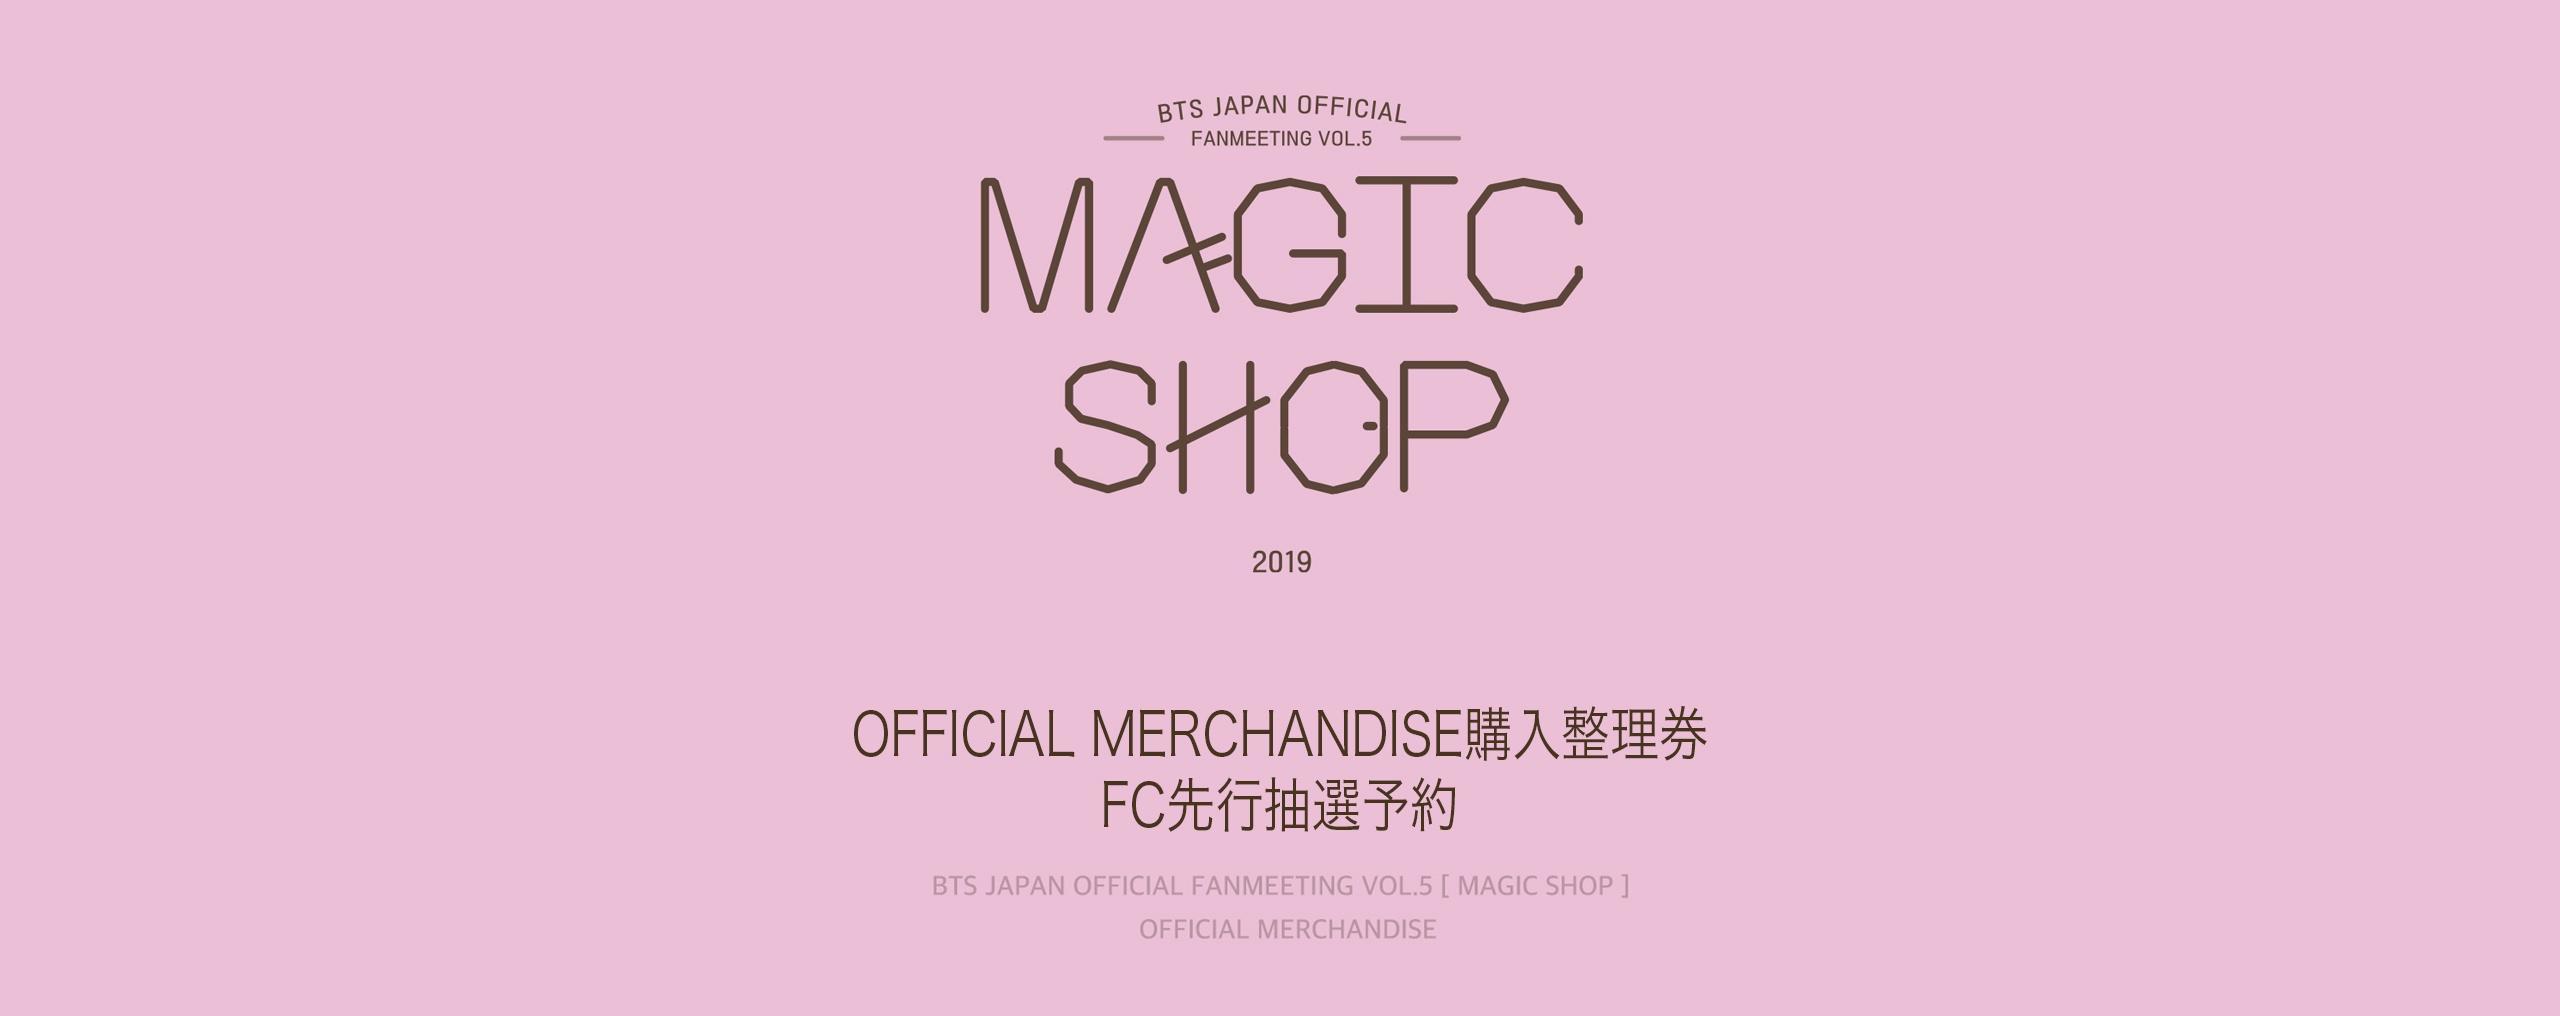 BTS JAPAN OFFICIAL FANMEETING VOL.5 [ MAGIC SHOP ] OFFICIAL MERCHANDISE購入整理券FC抽選予約